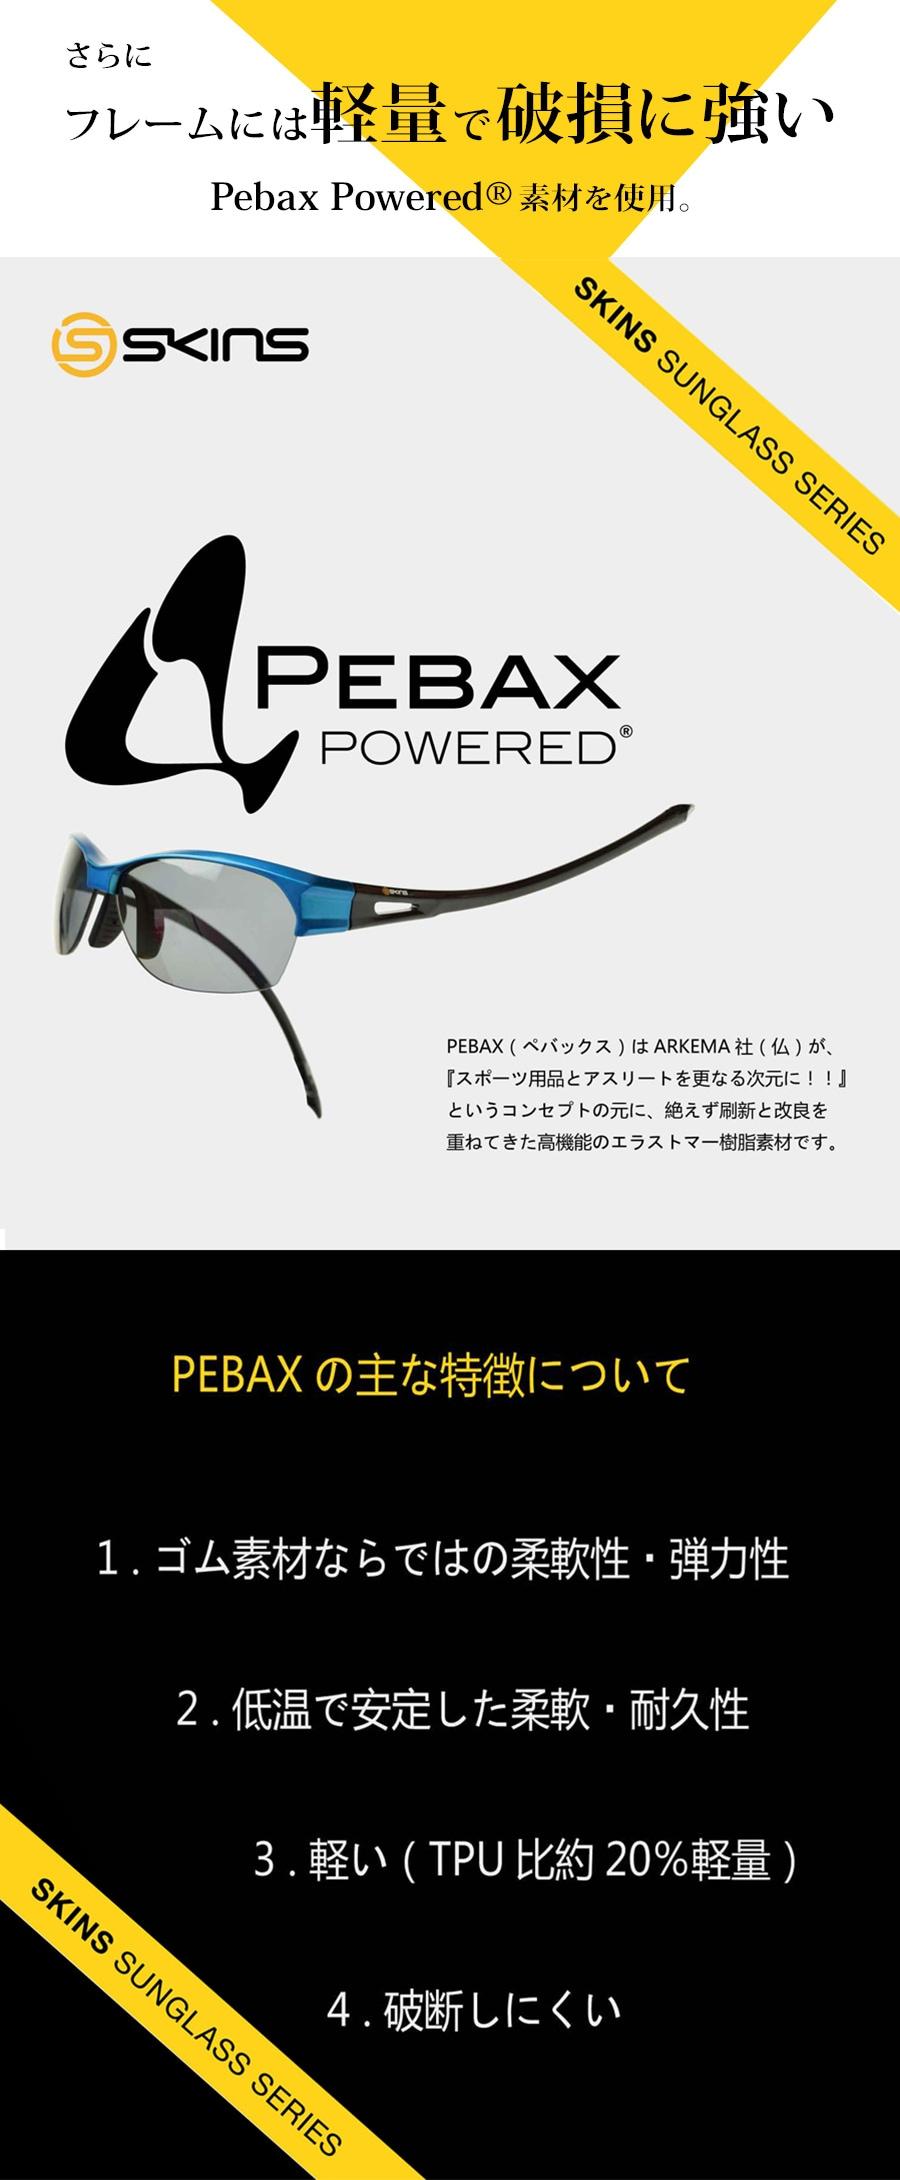 PEBAXの特徴